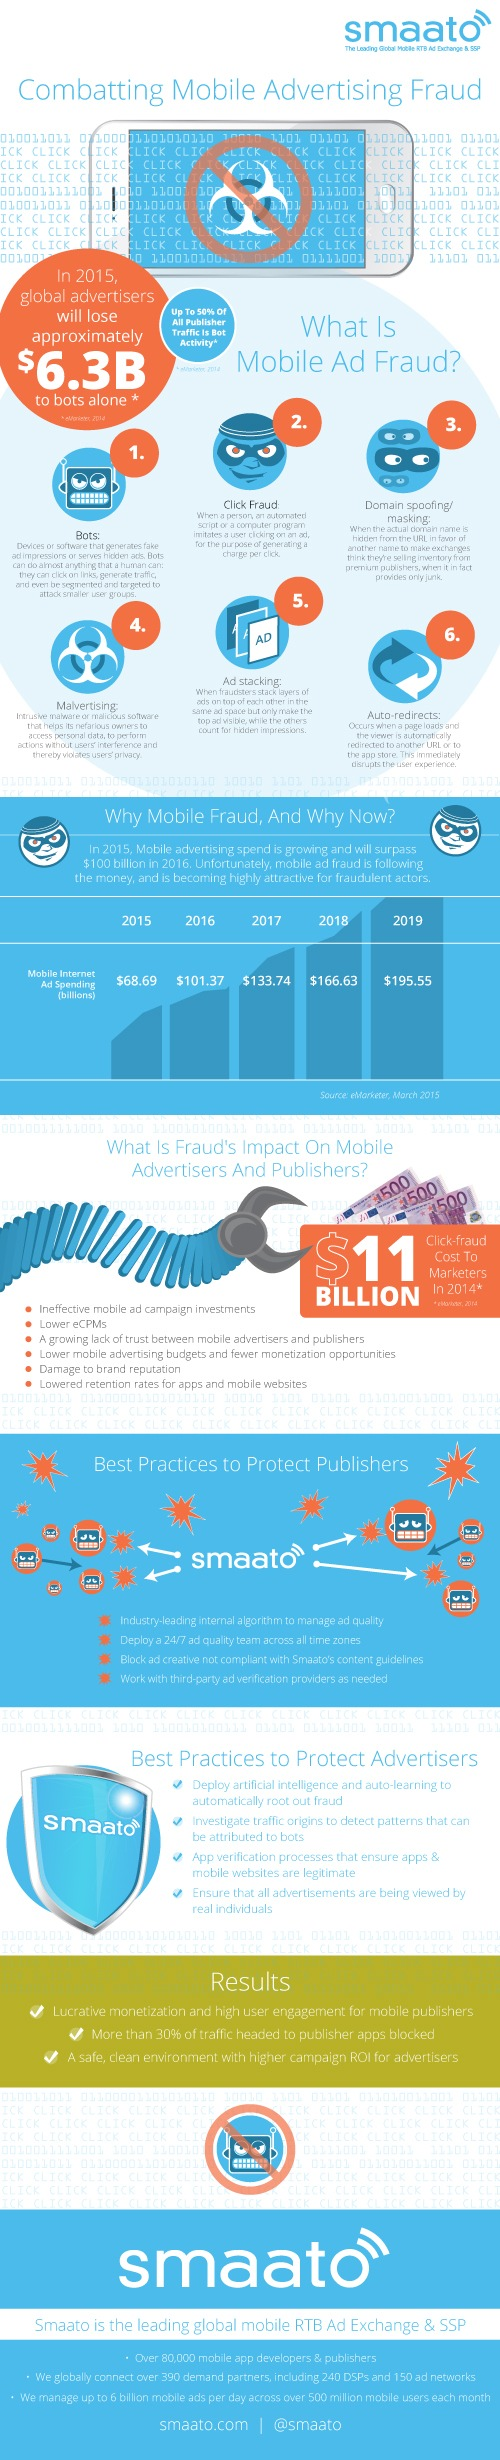 Betrugserkennung in der mobilen Werbung: Smaato führt eine auf künstlicher Intelligenz und automatischem Lernen basierende Engine zum Schutz von Werbetreibenden und Publishern ein